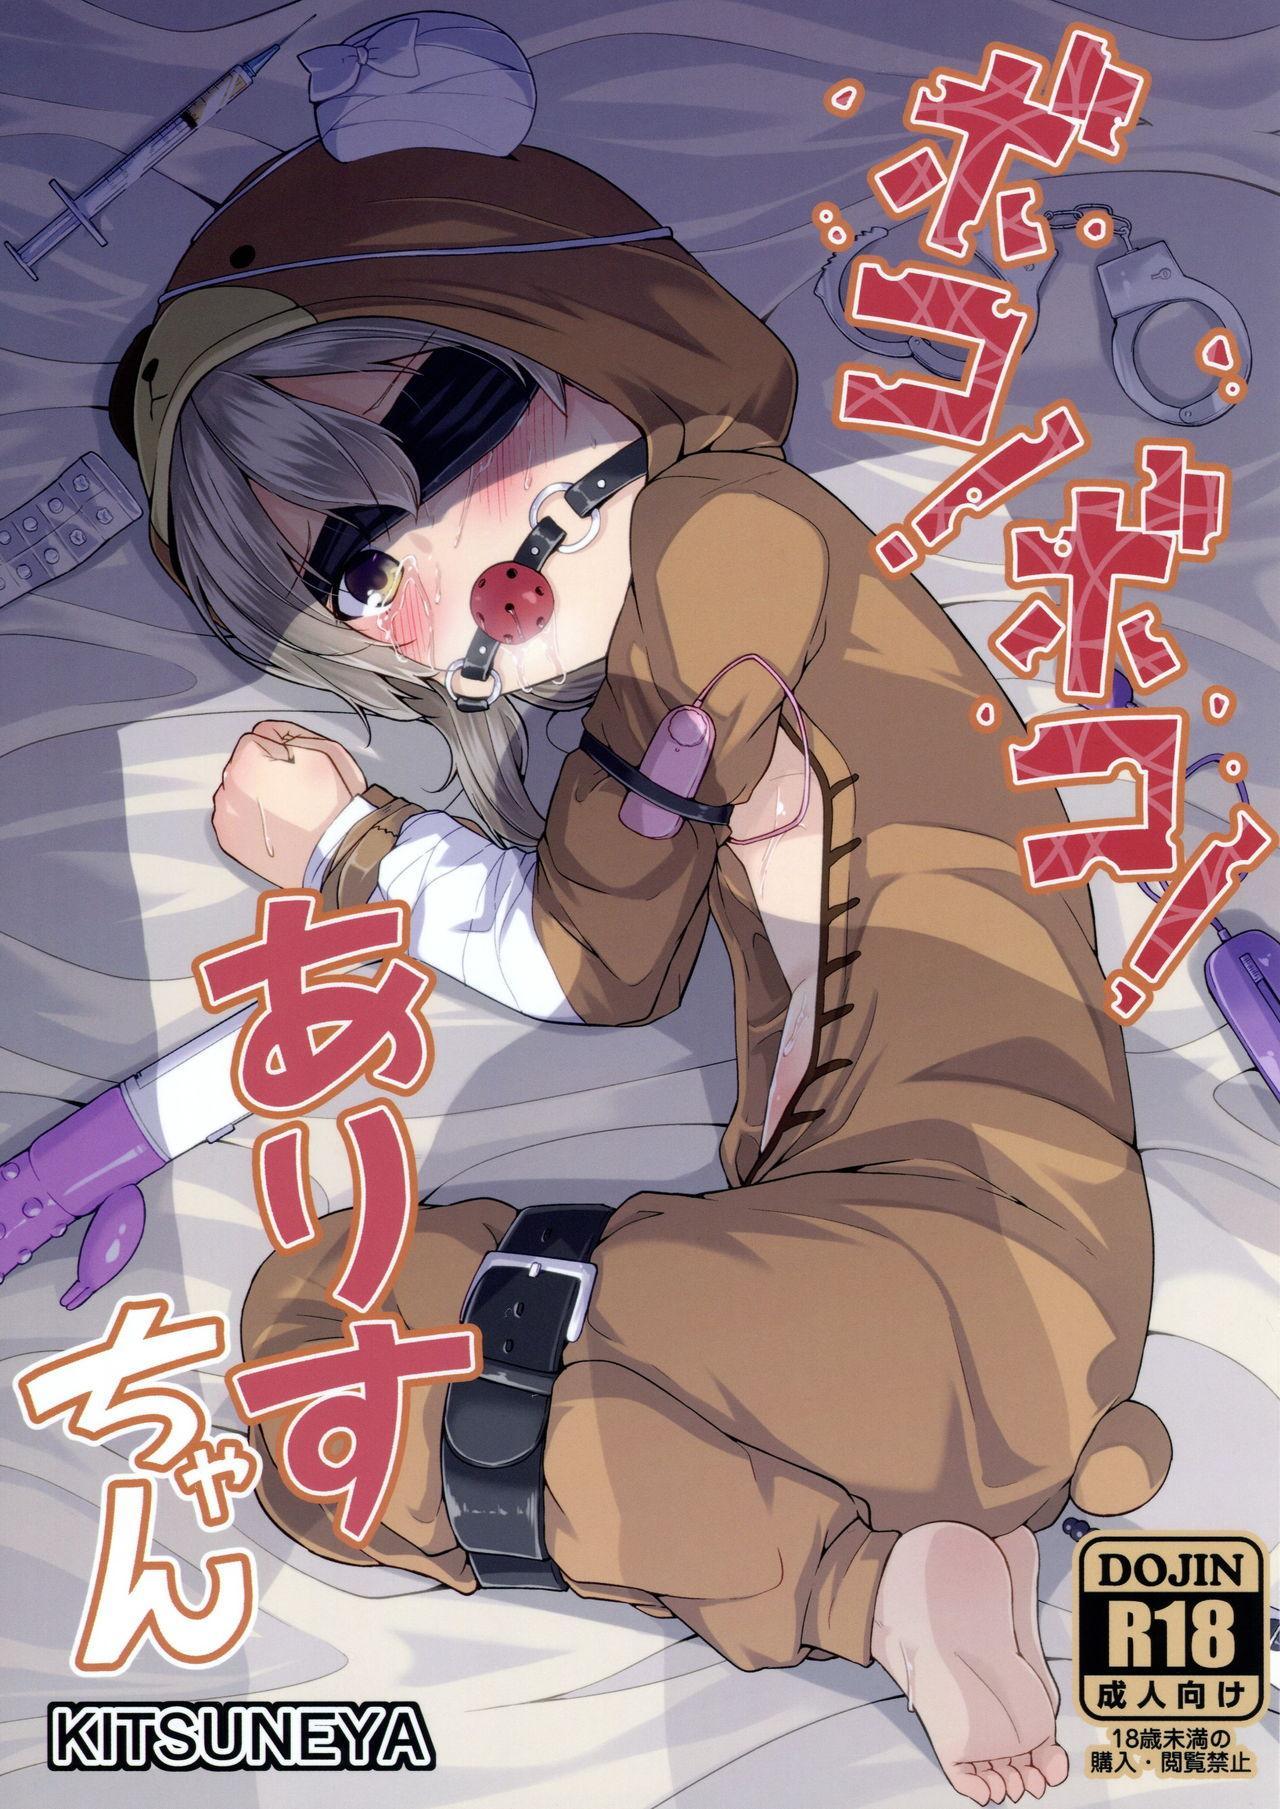 Boko! Boko! Arisu-chan 0